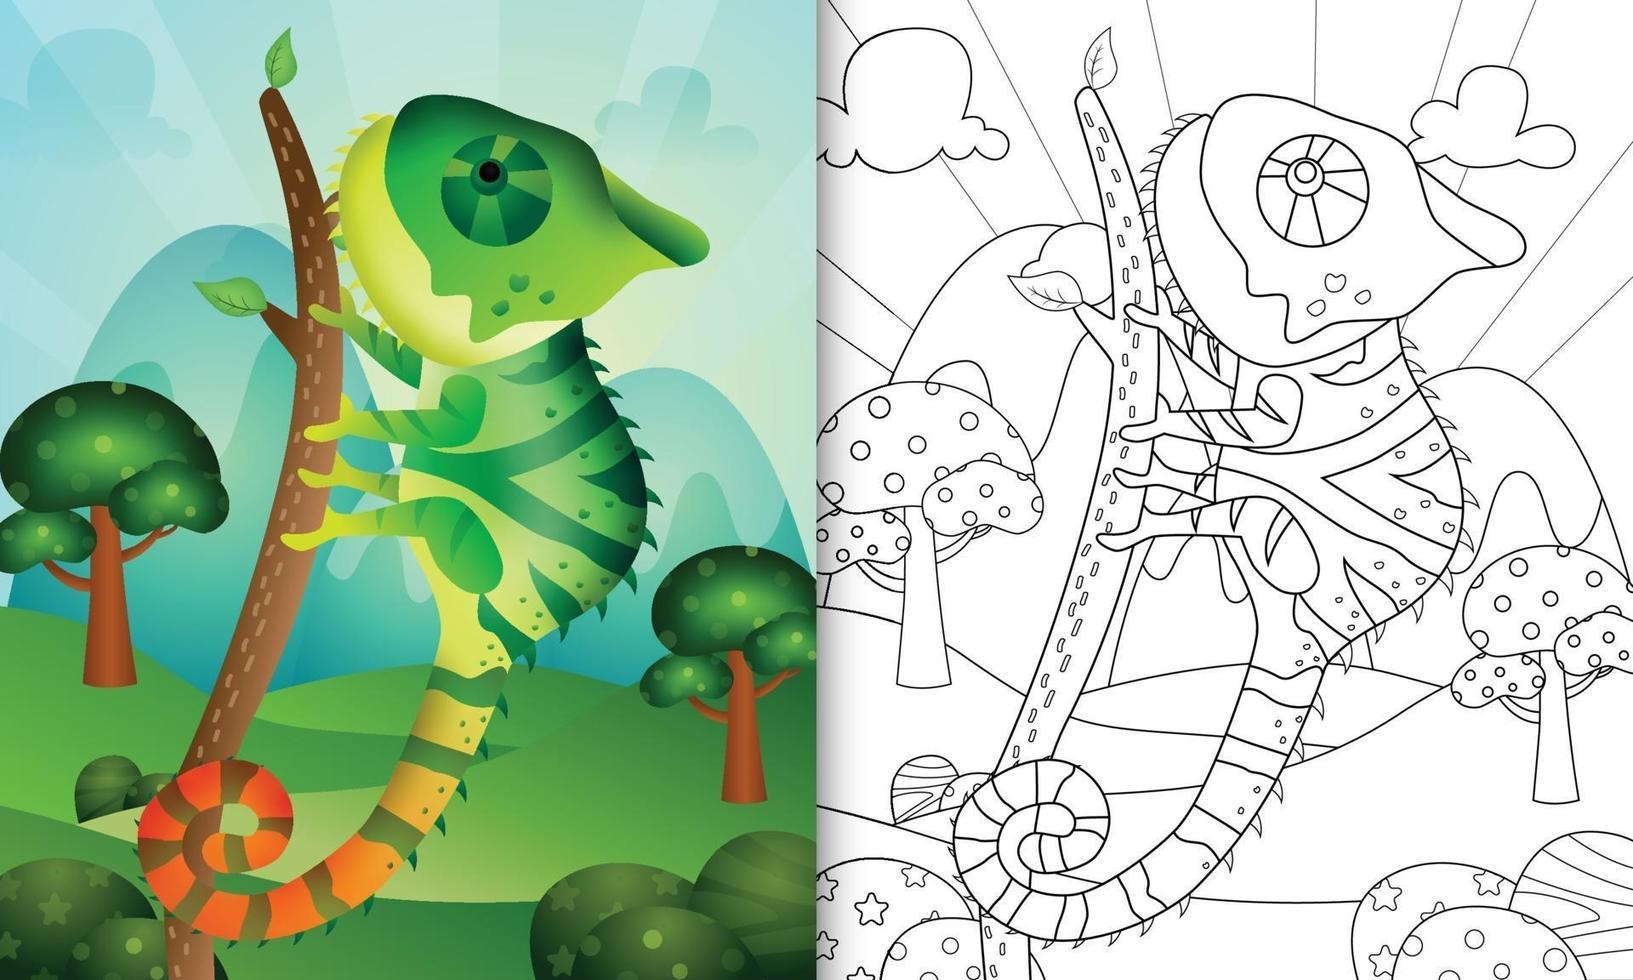 Libro Da Colorare Per Bambini Con Un Simpatico Personaggio Di Camaleonte 2168659 Scarica Immagini Vettoriali Gratis Grafica Vettoriale E Disegno Modelli